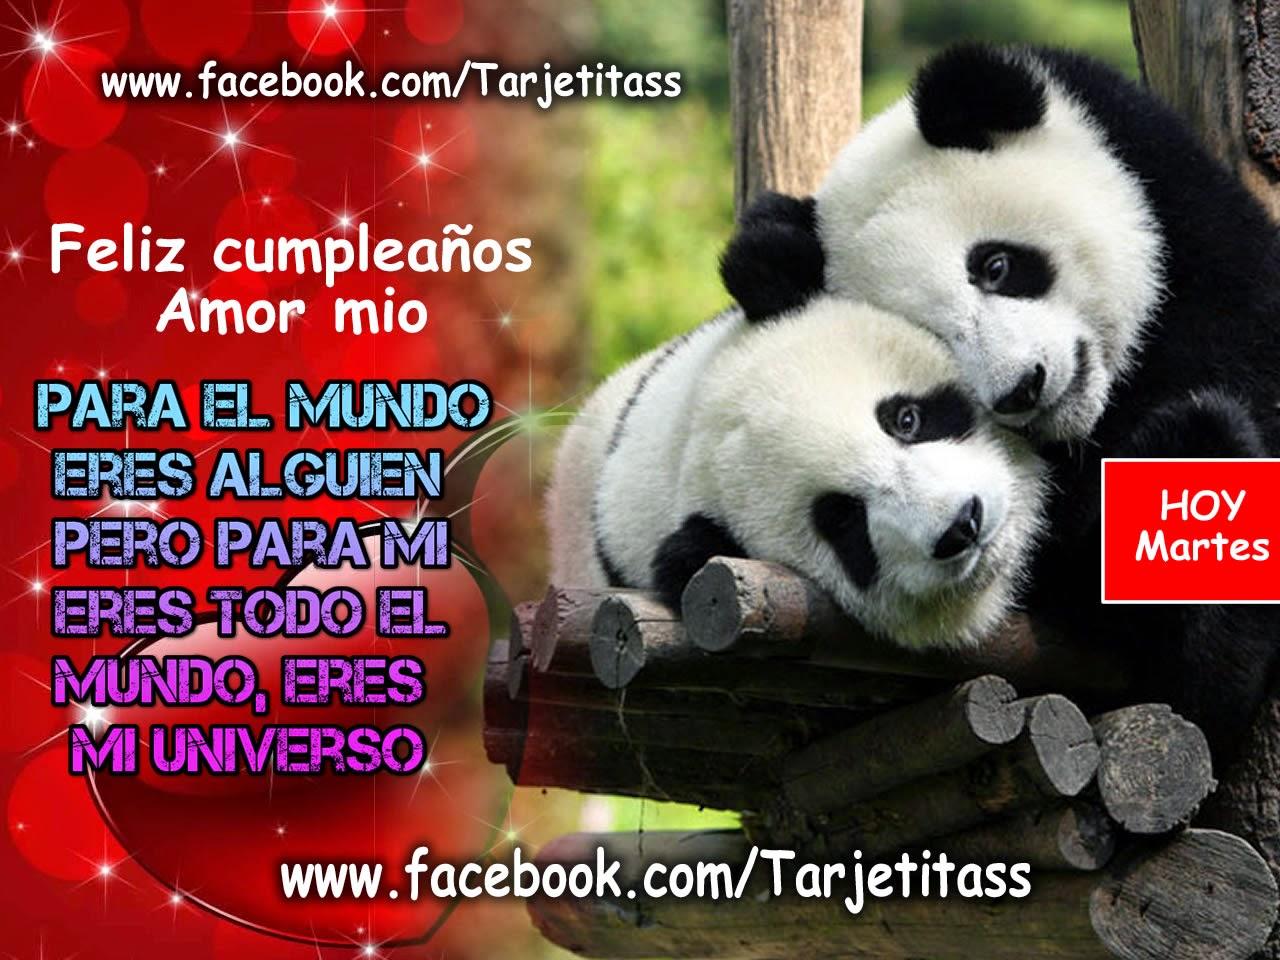 Frases De Amor Para Cumpleaños Frases Bonitas Feliz  - Imagenes De Amor Feliz Cumpleaños